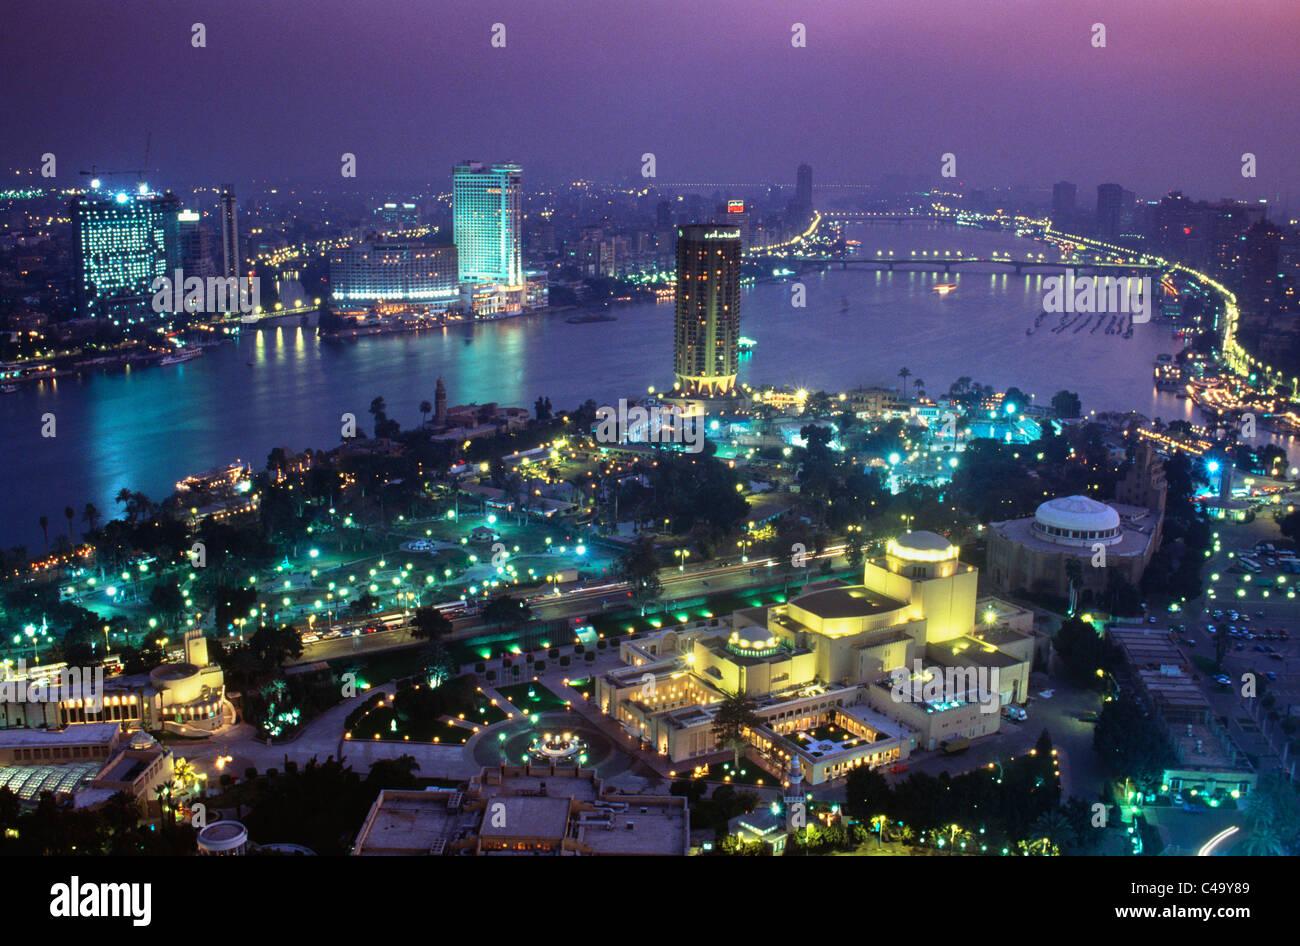 Egypte, Le Caire, ville par nil avec Opera House en premier plan au crépuscule Photo Stock